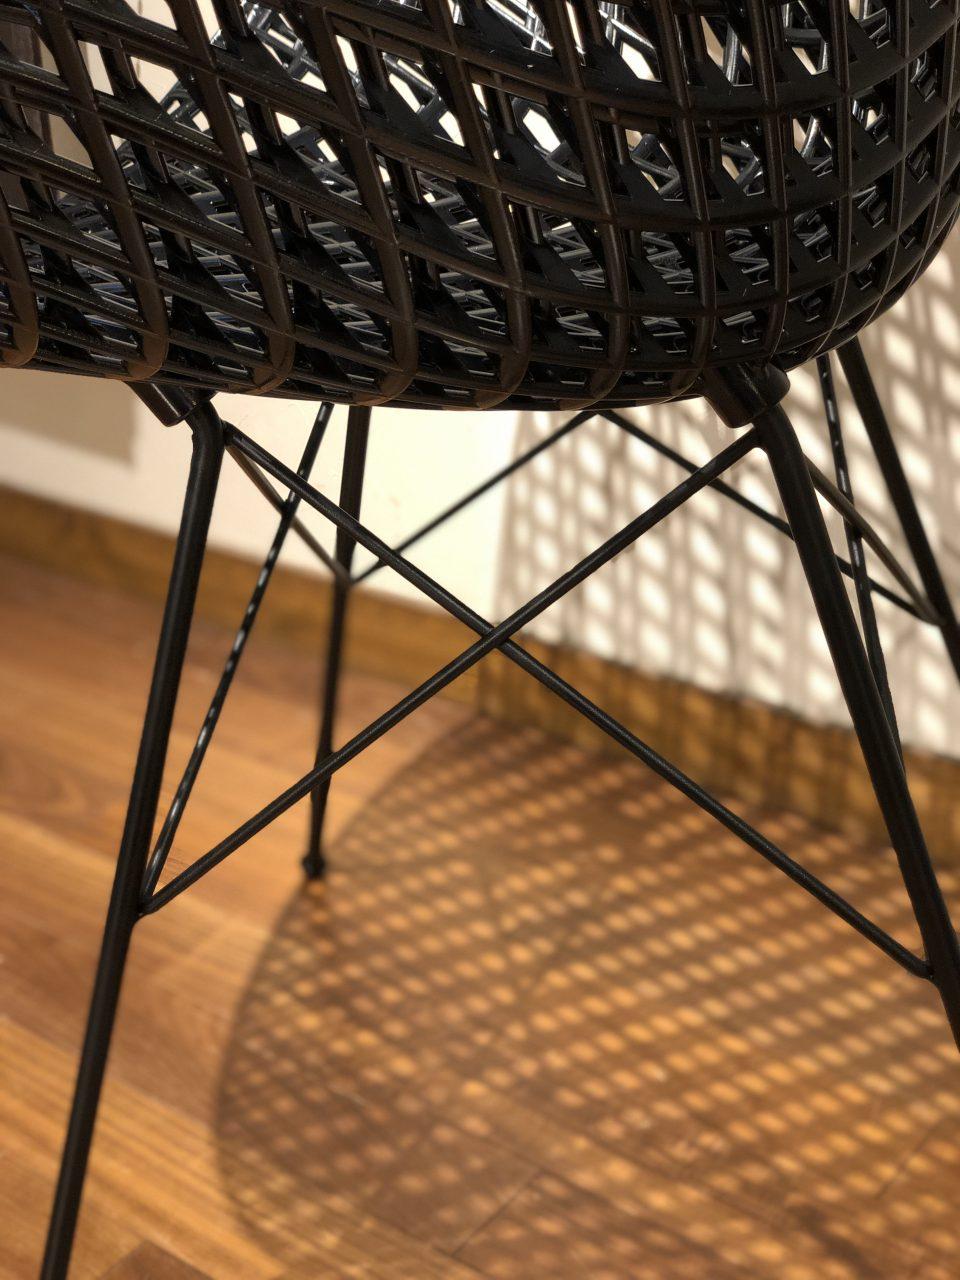 スマトリックというカルテルの吉岡徳仁デザインの新作チェアです